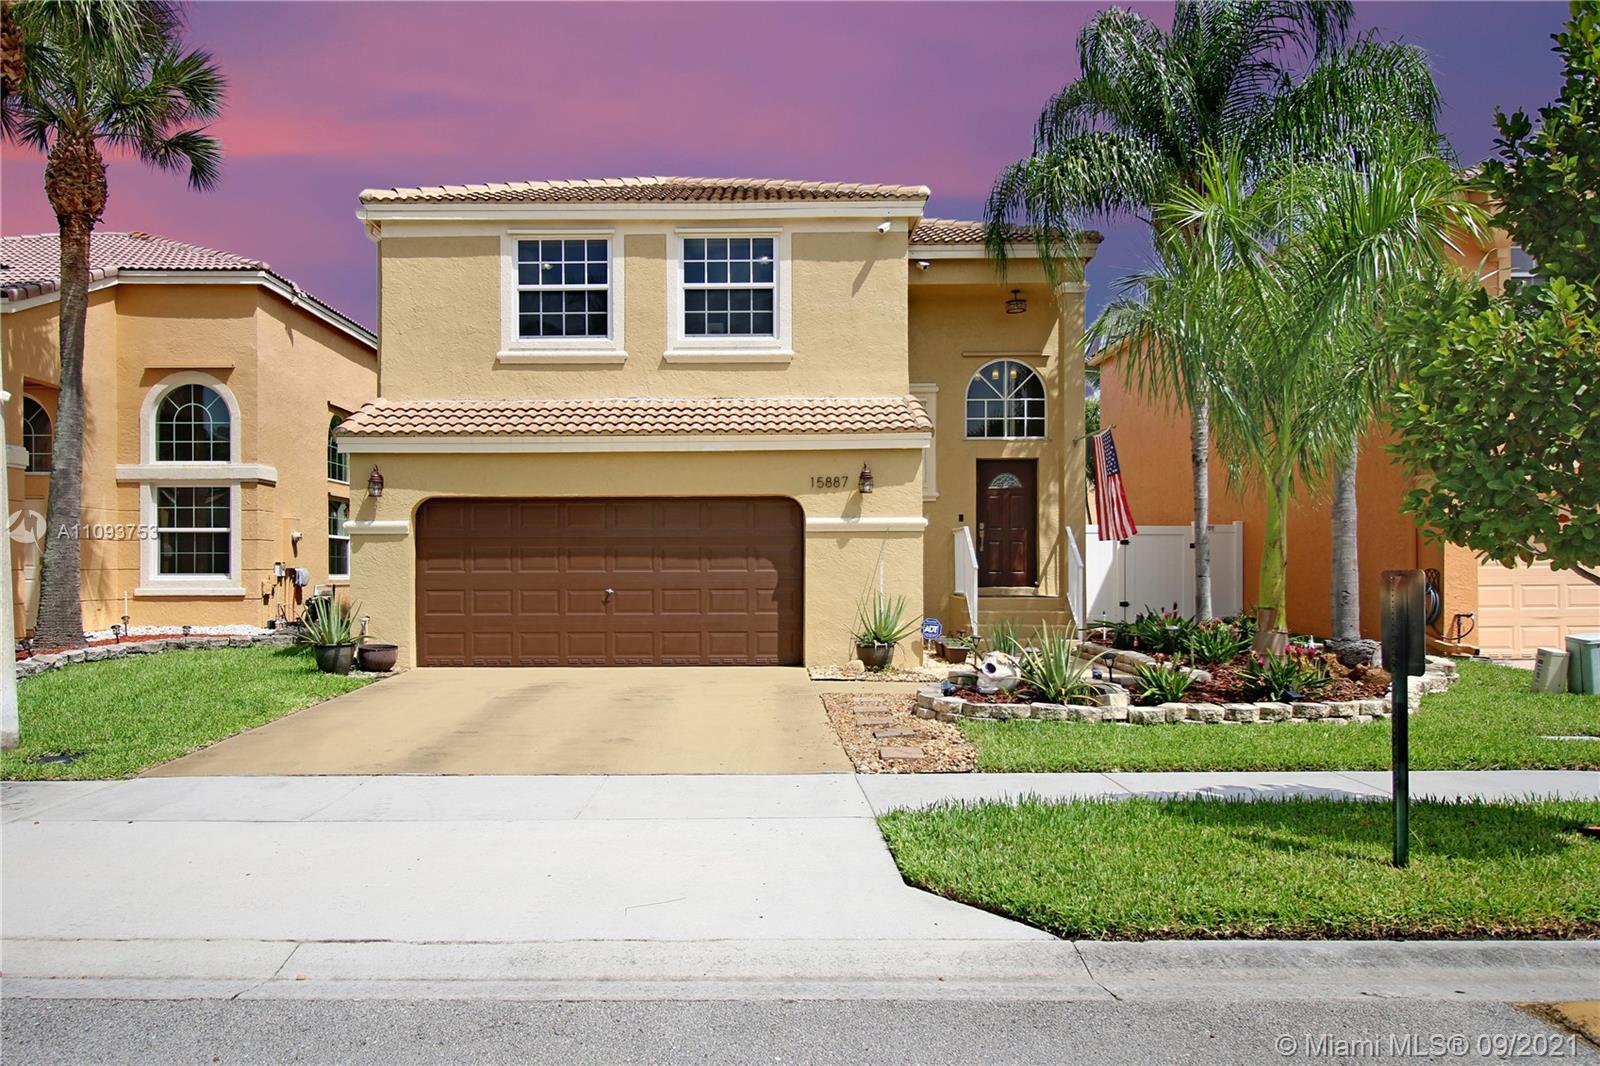 Towngate - 15887 NW 4th Ct, Pembroke Pines, FL 33028